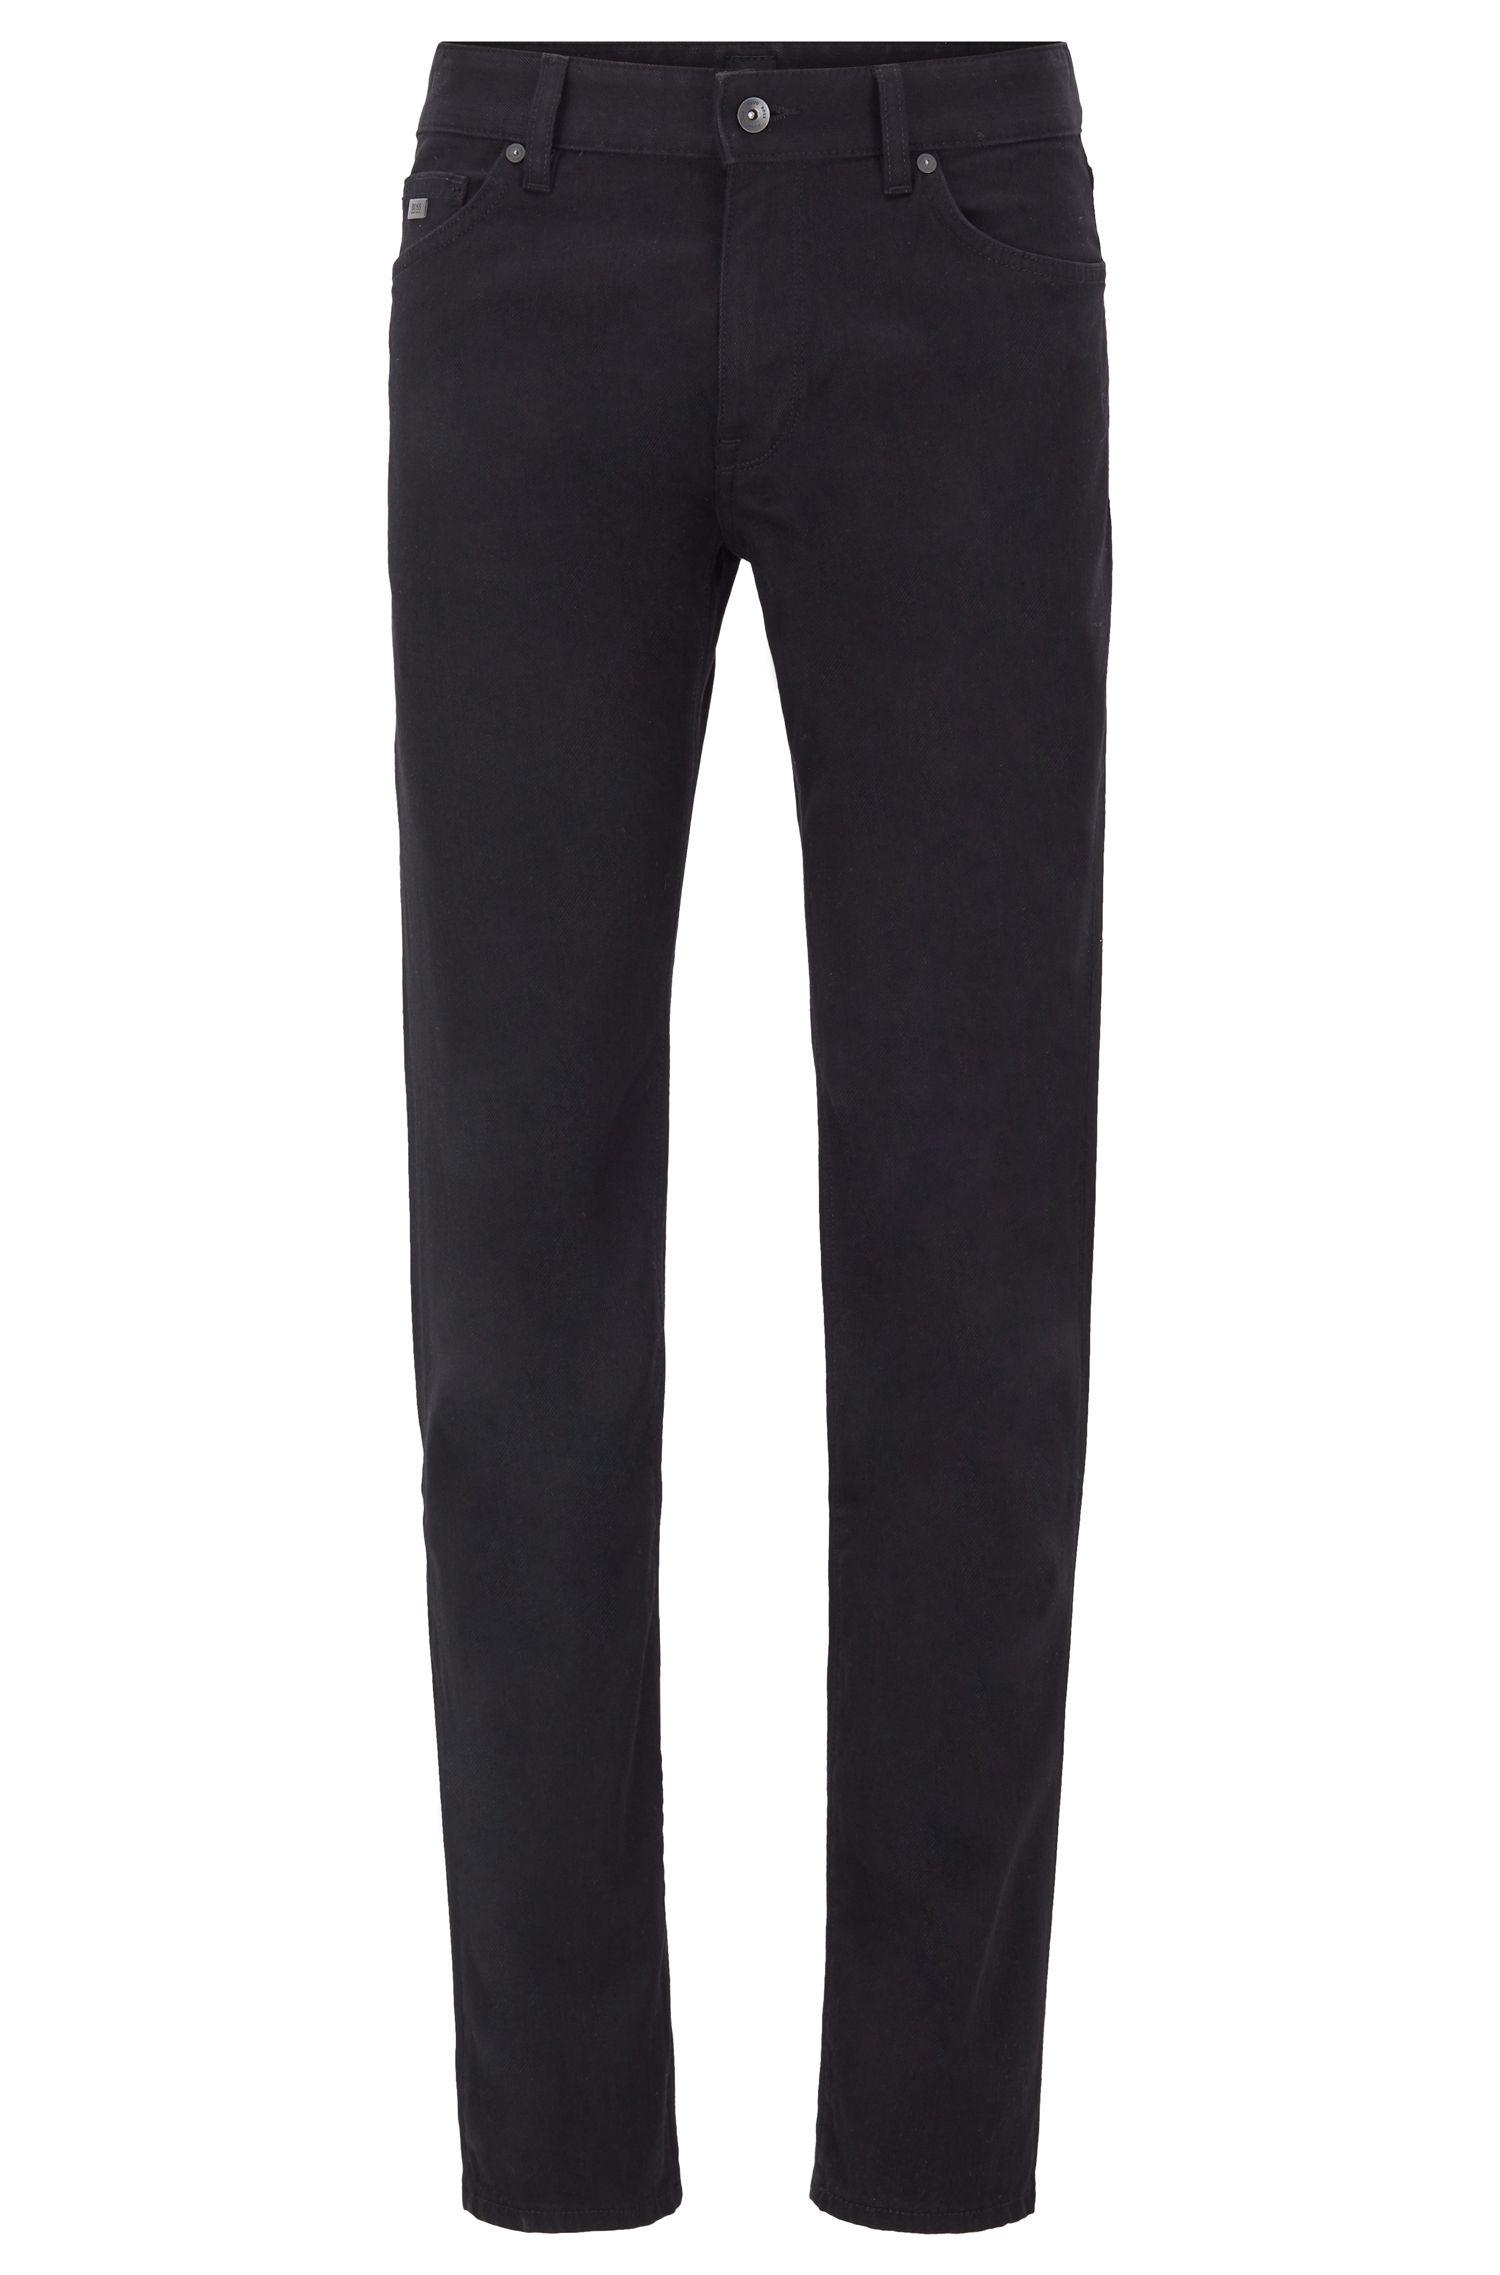 Regular-fit jeans in black comfort-stretch denim, Black